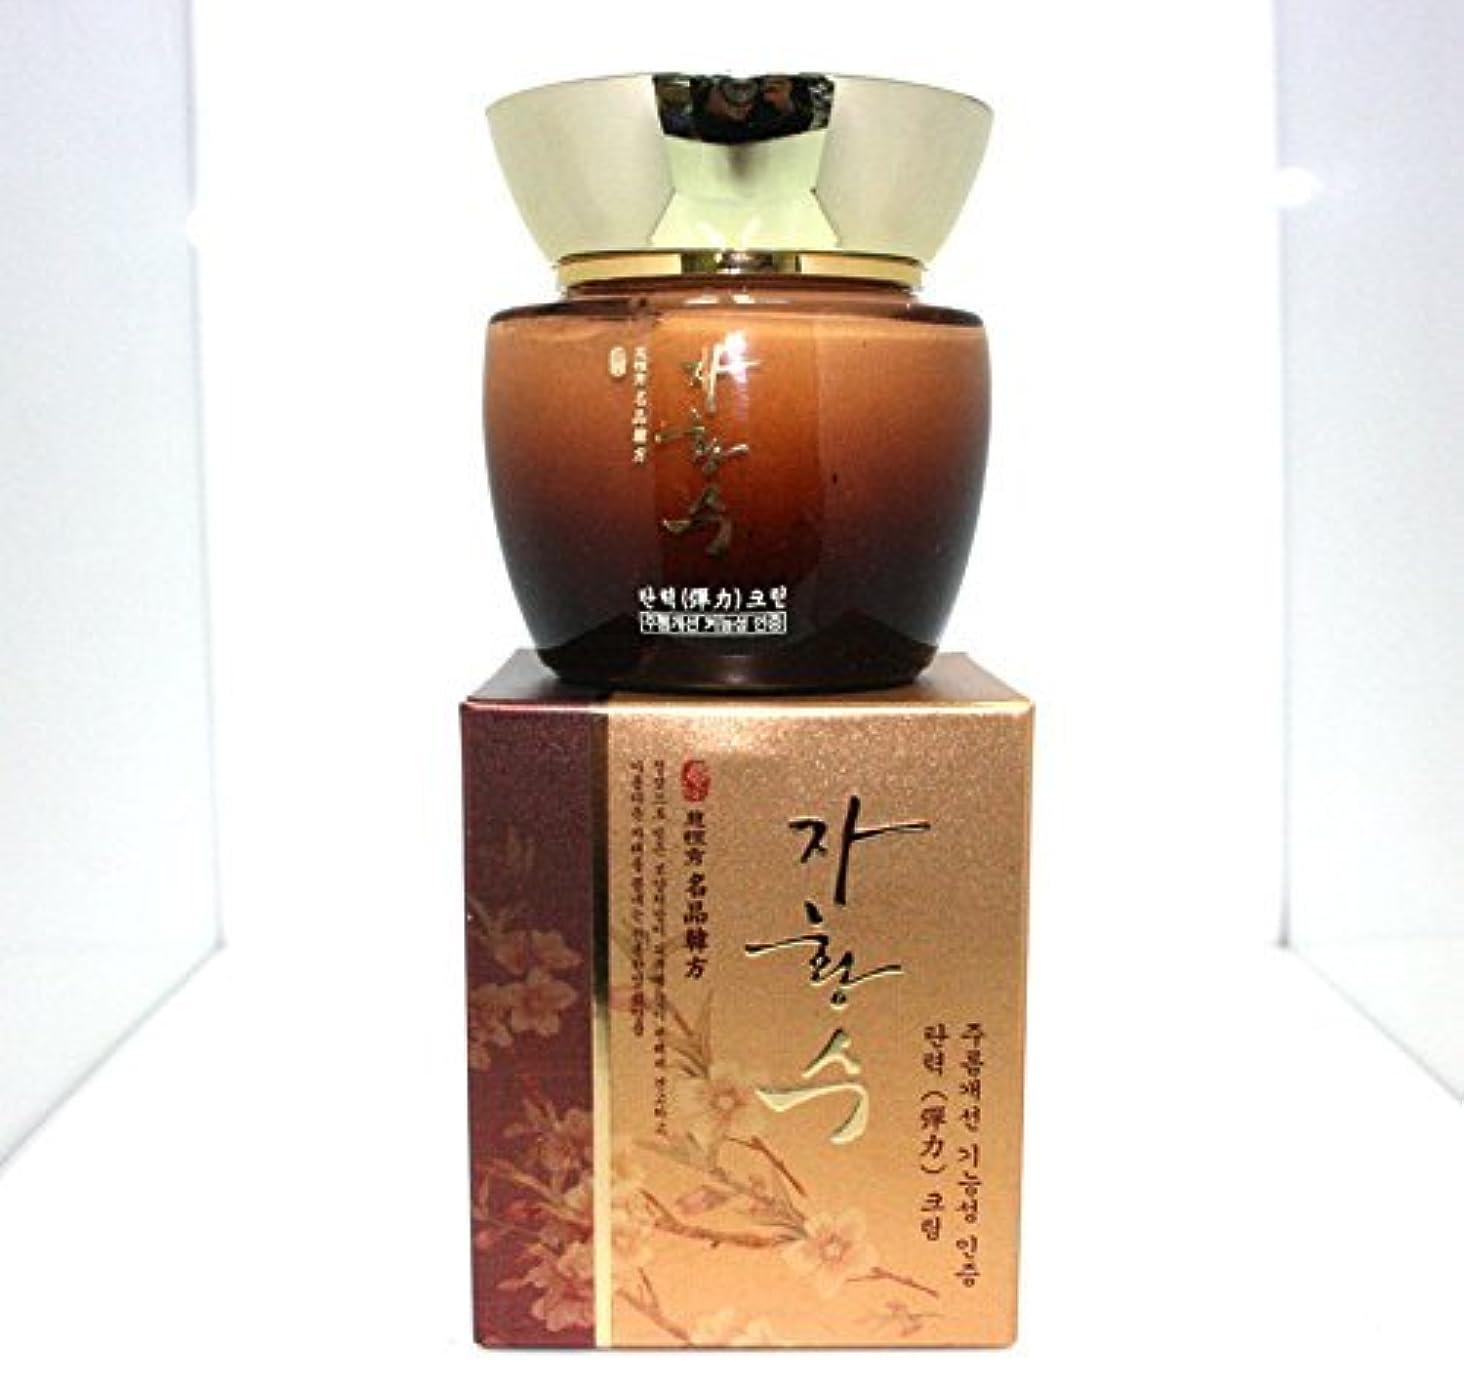 音楽家ノベルティ排他的[Ja Hwang Su] 弾性クリーム50ml /ハーブとローヤルゼリー/ 韓国化粧品 / Elastic Cream 50ml / herbs and Royal Jelly / Korean Cosmetics [...